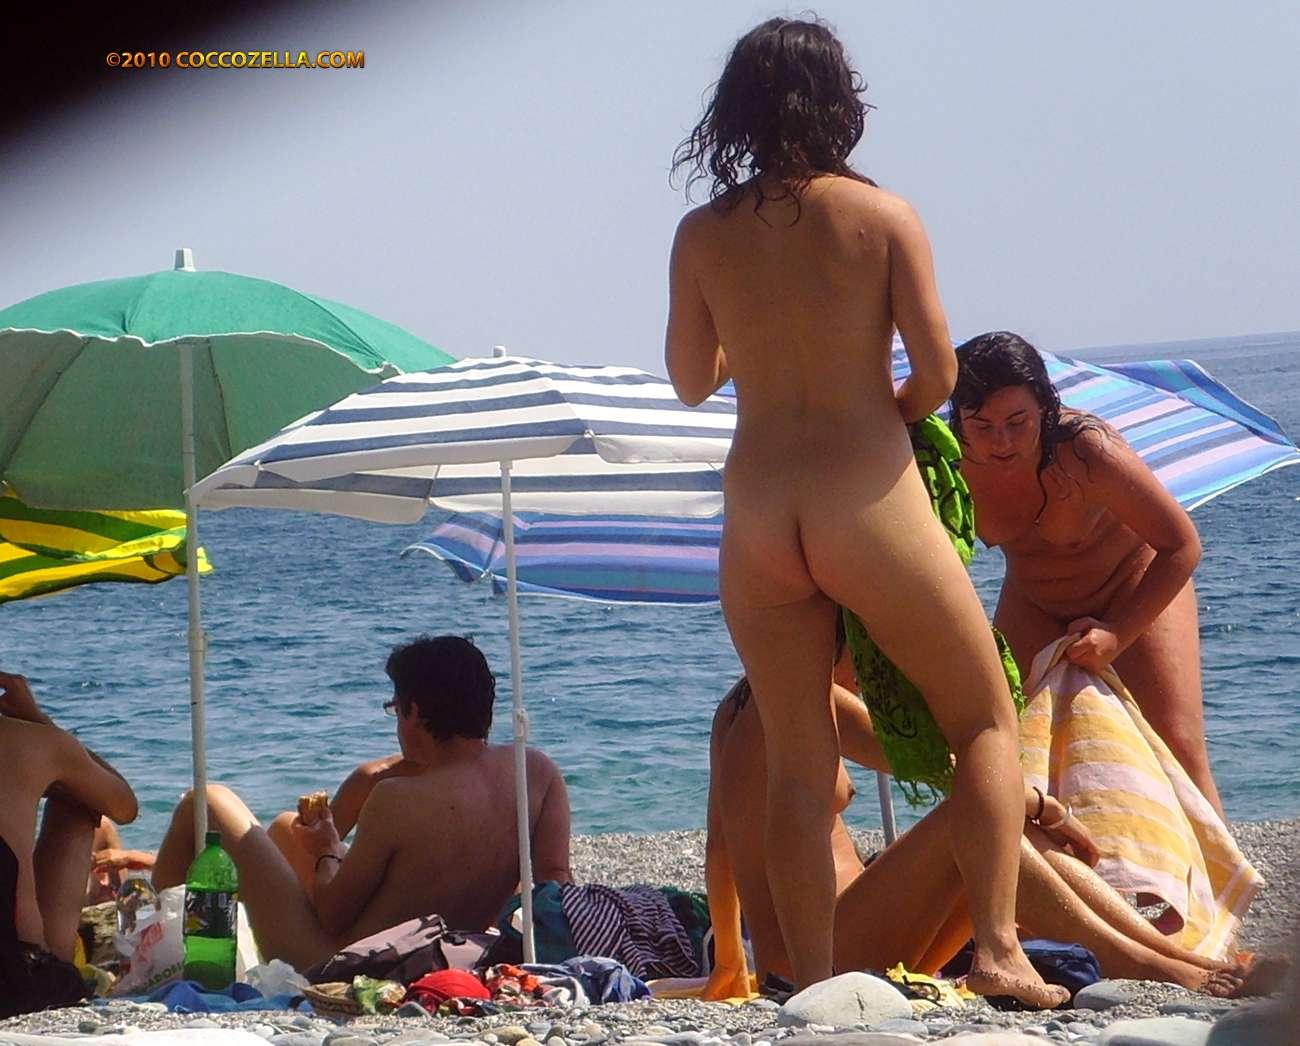 Nichelle nichols nude sex